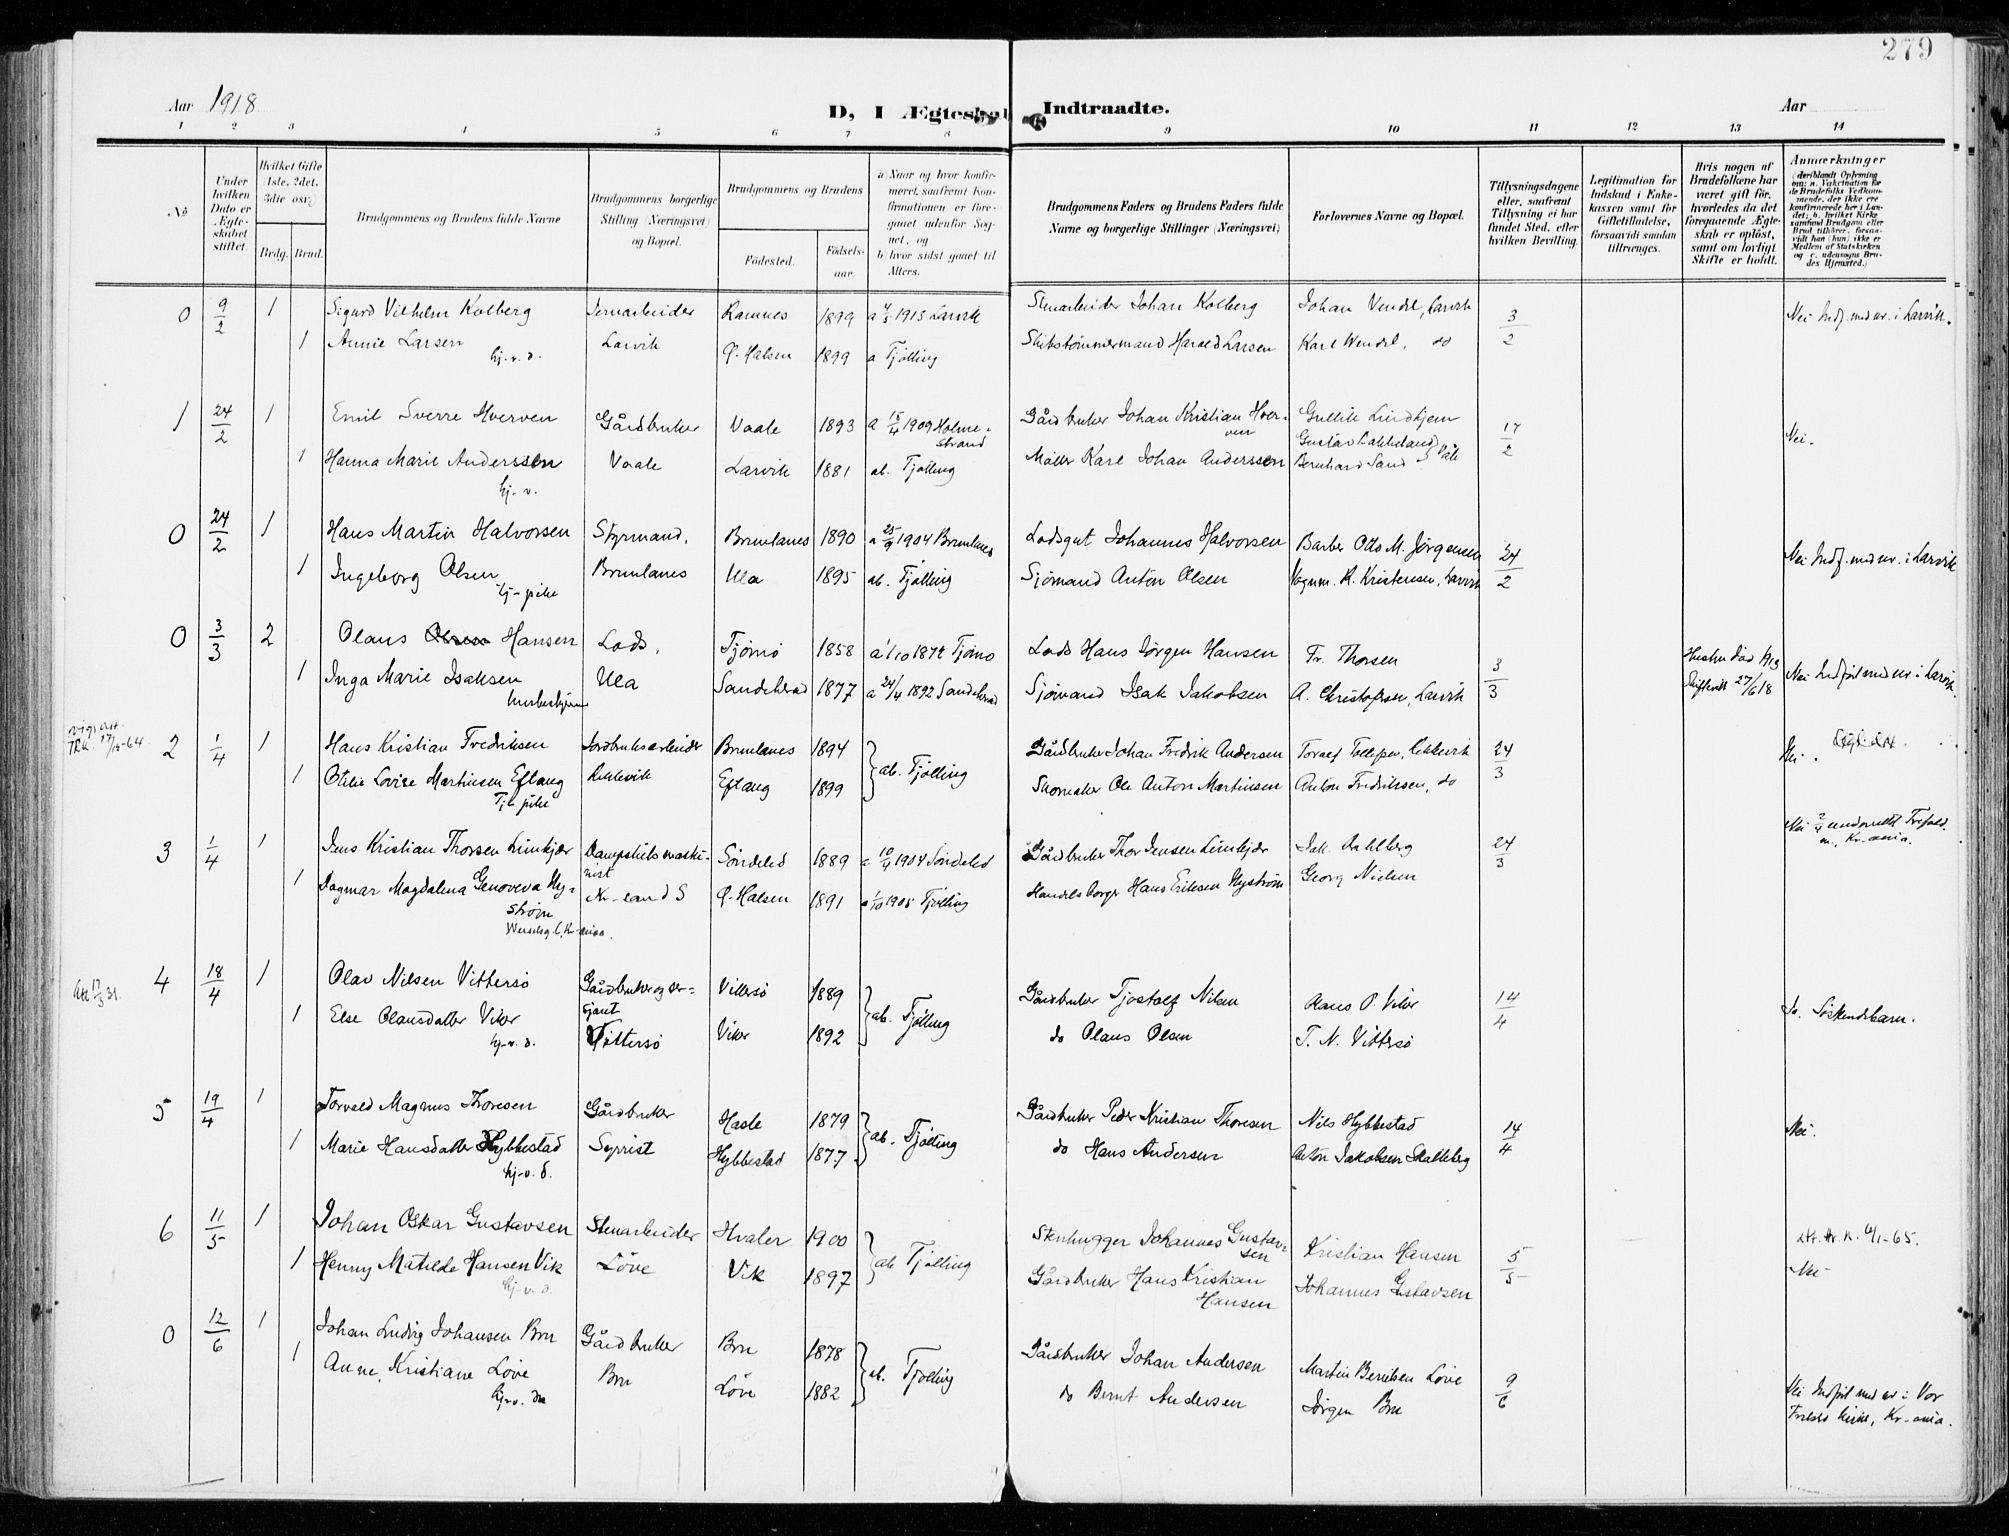 SAKO, Tjølling kirkebøker, F/Fa/L0010: Ministerialbok nr. 10, 1906-1923, s. 279